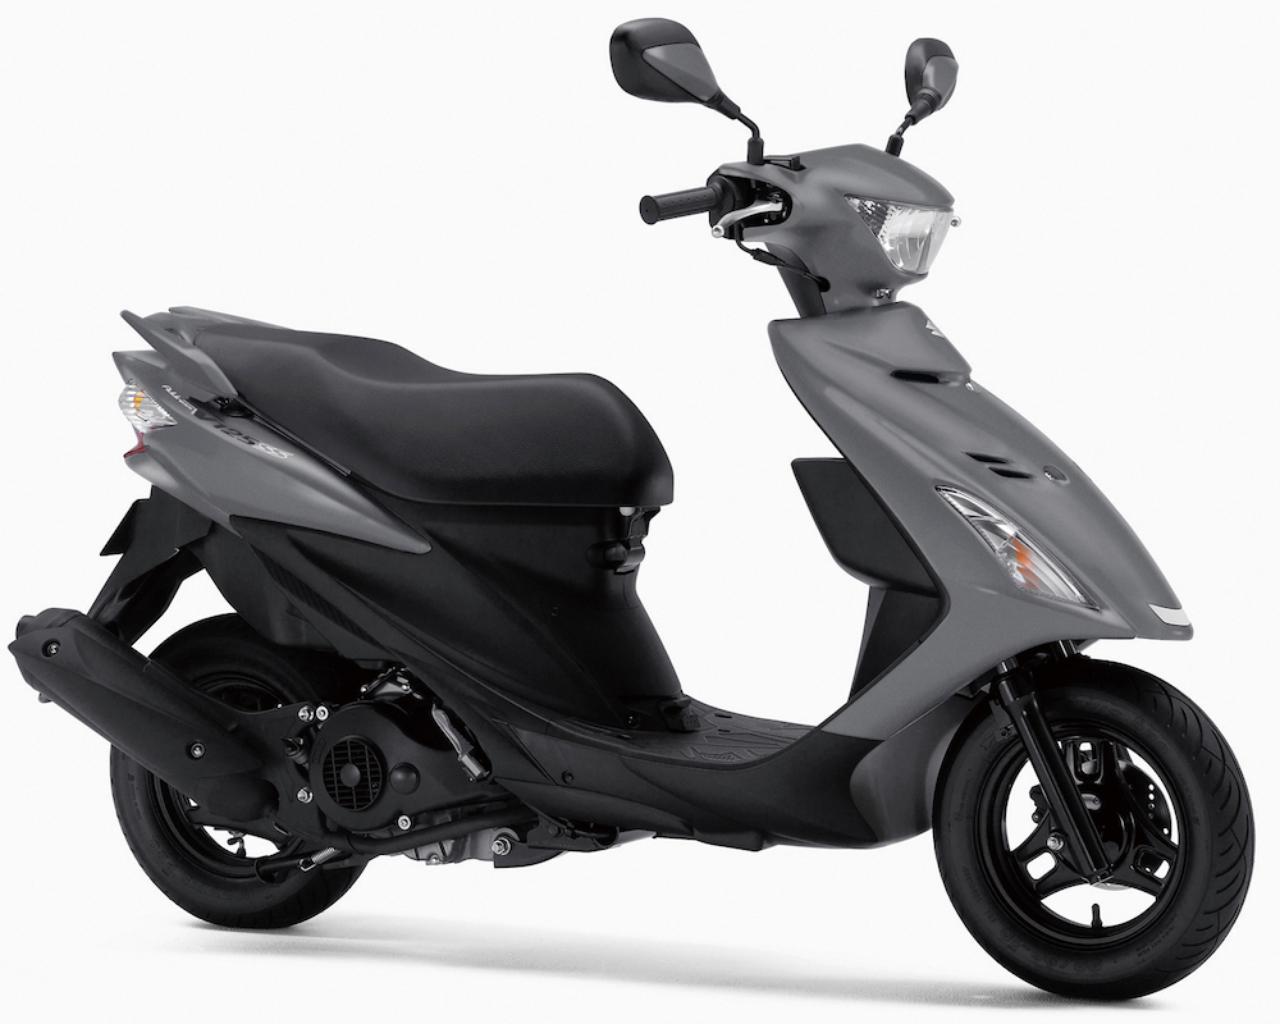 画像: S044 SUZUKI ADDRESS V125SS ■価格:27万4320円 アドレスV125Sにリアスポイラー風タンデムグラブバーや質感の高いアルミ製のタンデムステップバーを装着し、軽快な走りにふさわしいスポーティなイメージを強調したモデル。